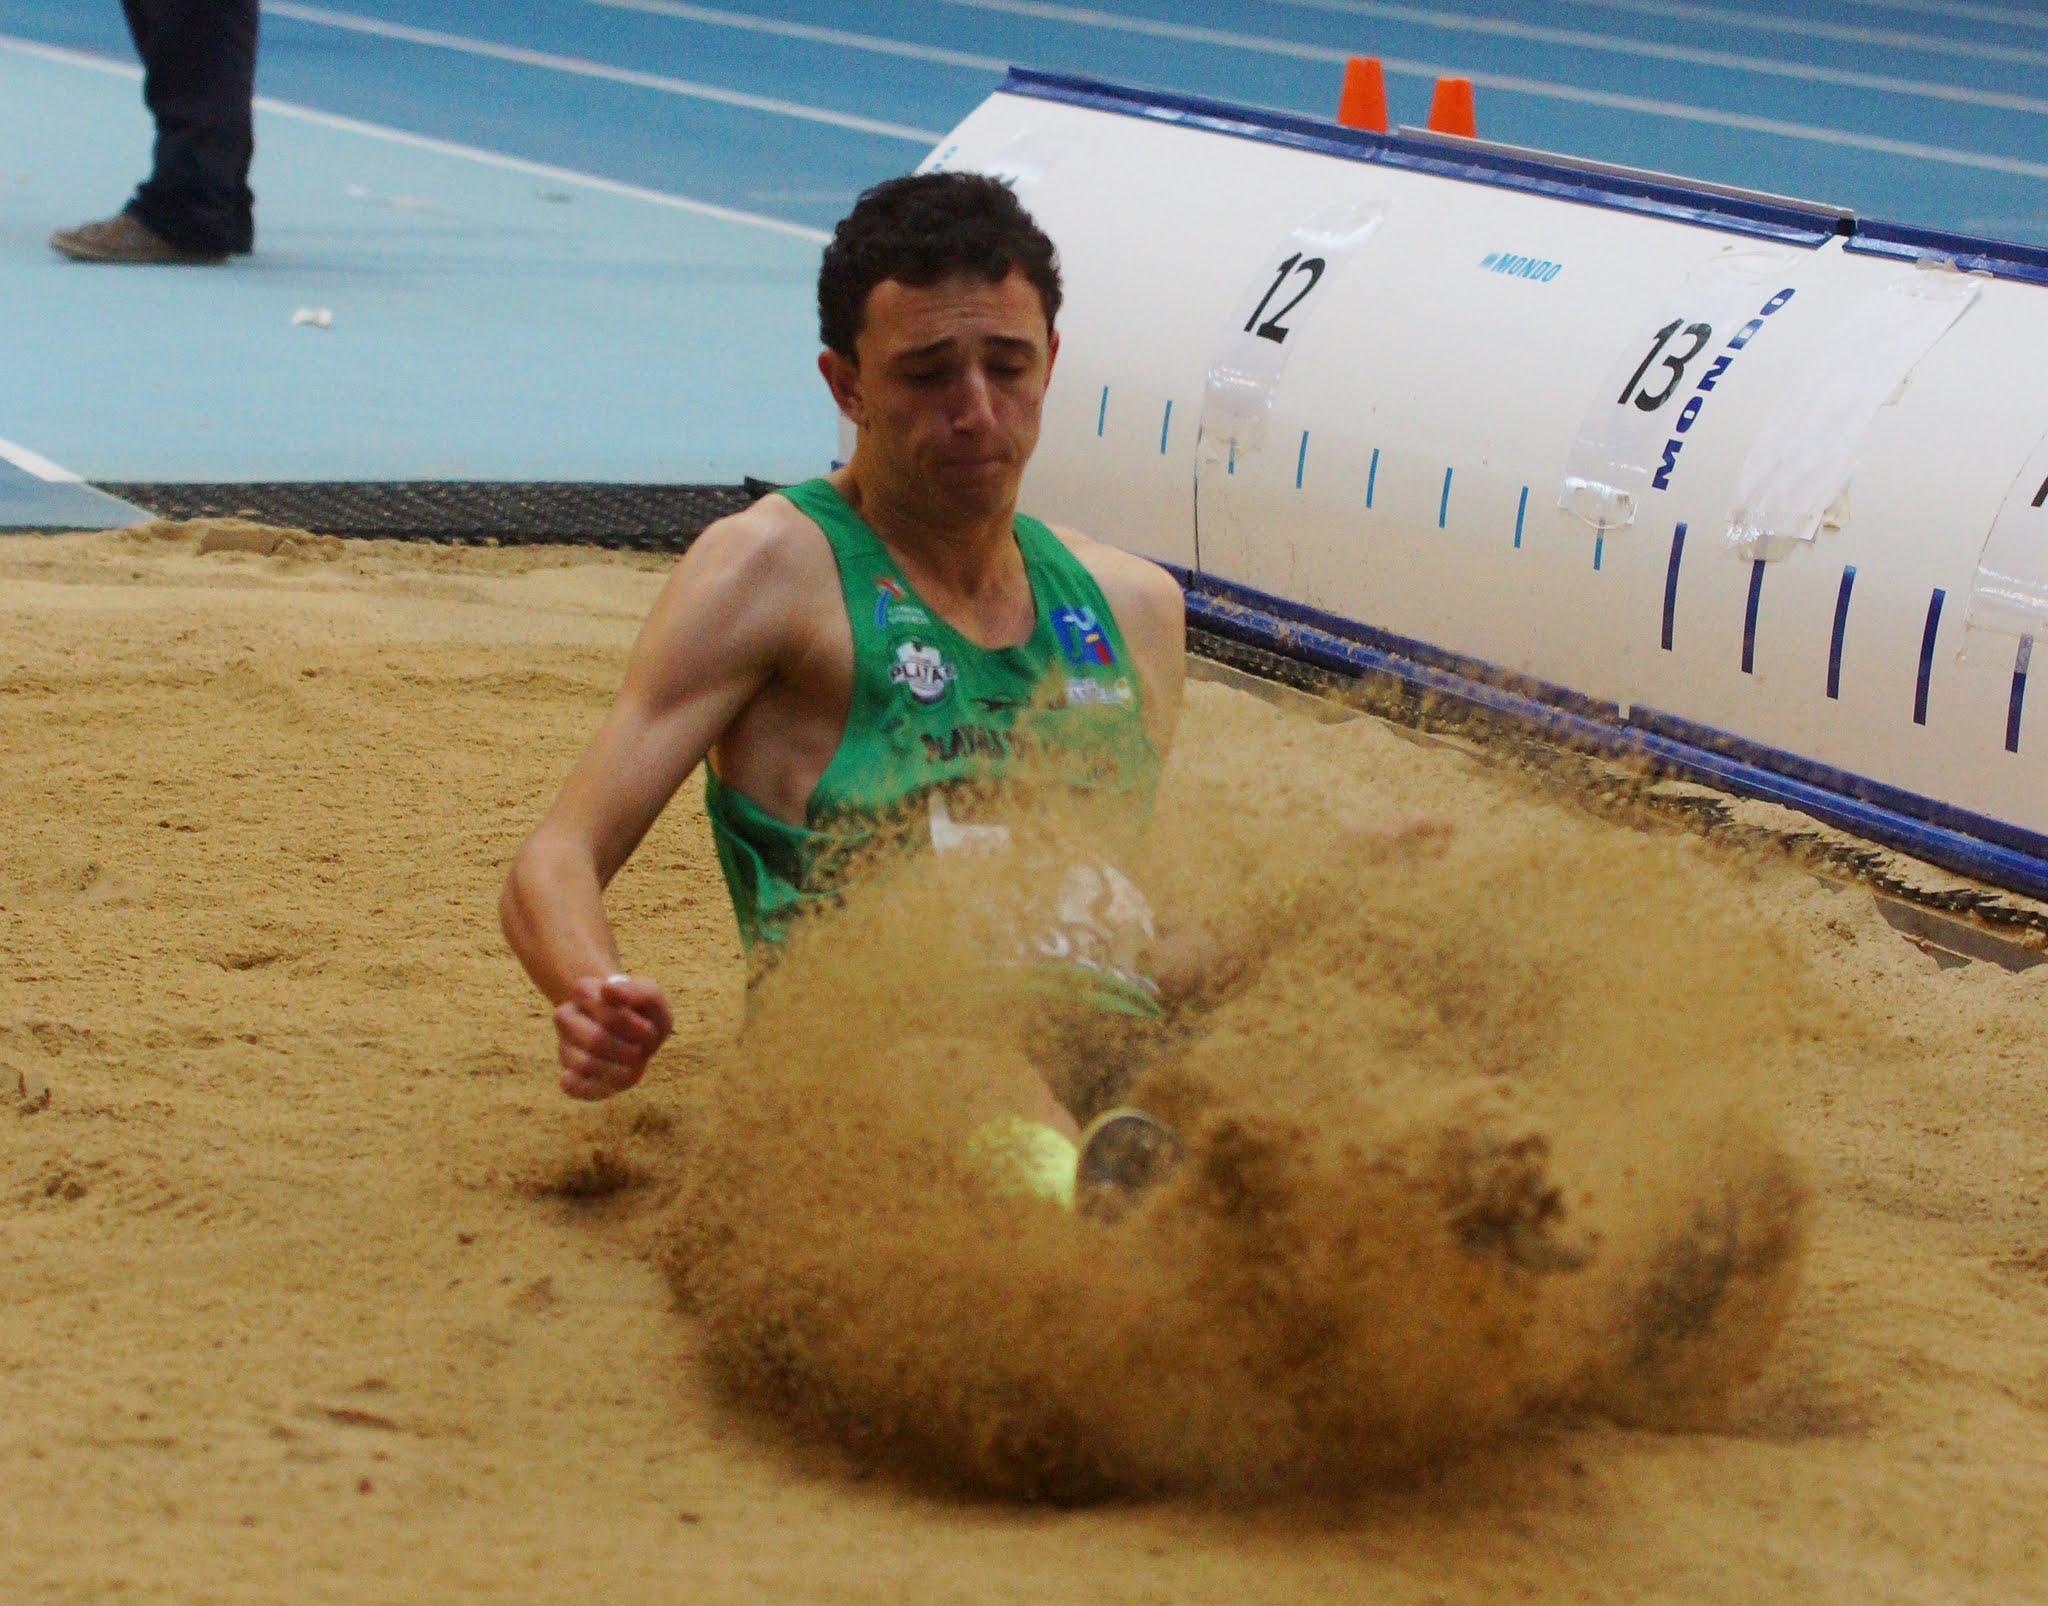 El atleta vestirá la camiseta de la selección española en los Juegos Olímpicos de la Juventud. Fuente: AD